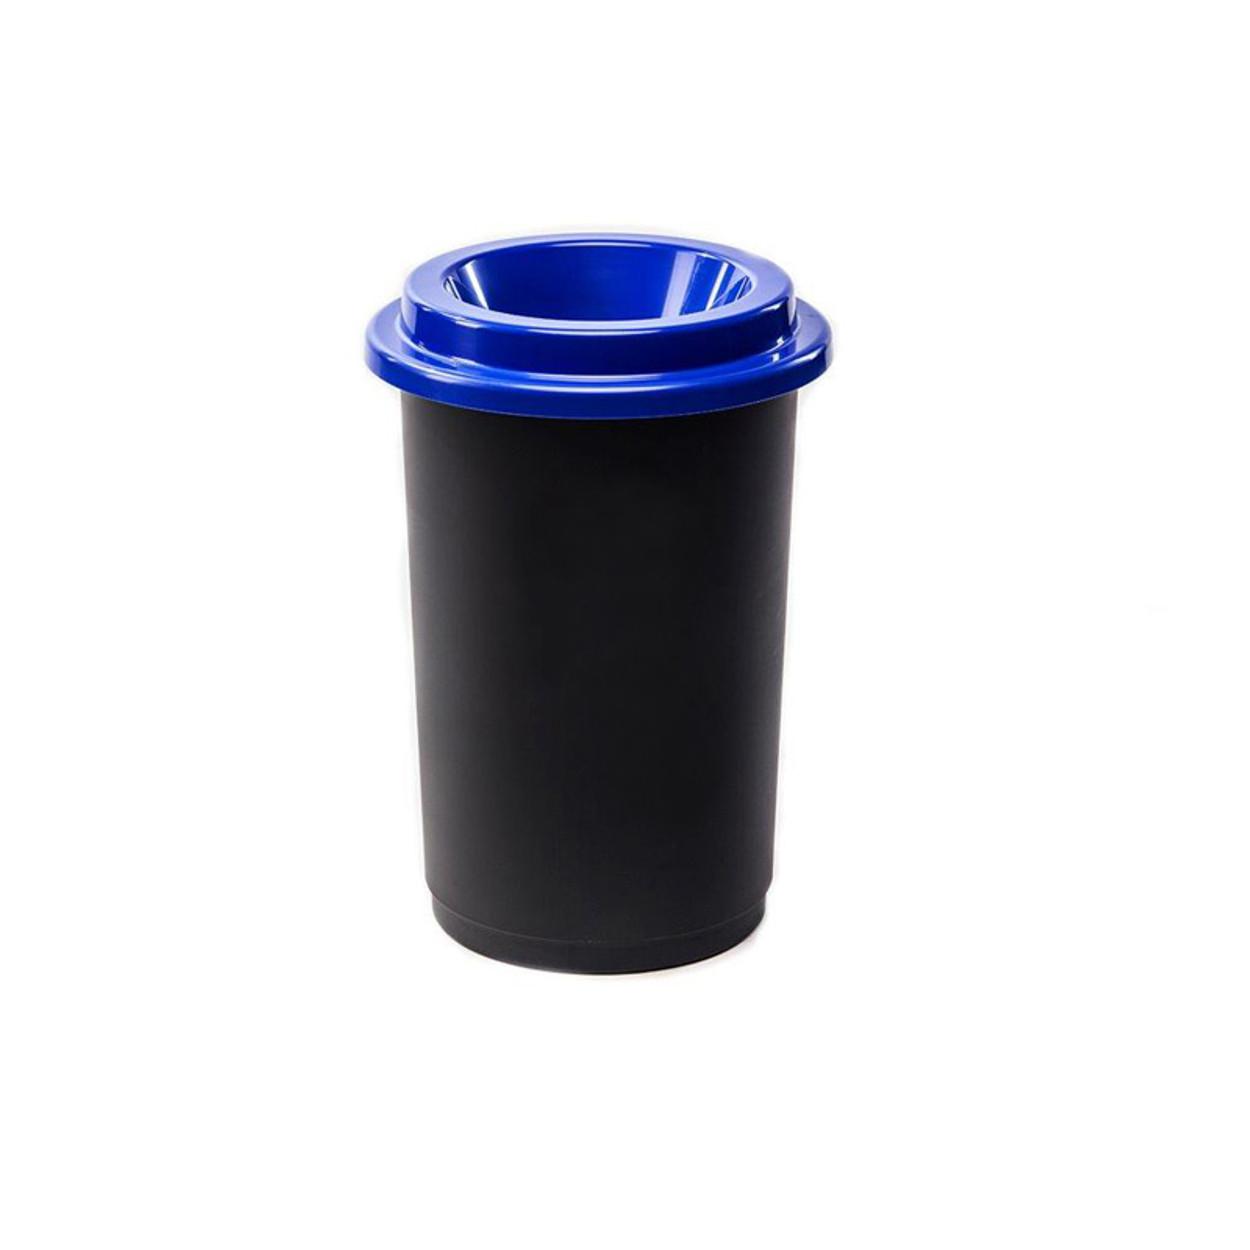 Guľatý plastový kôš na triedený odpad, 50 l, modrá